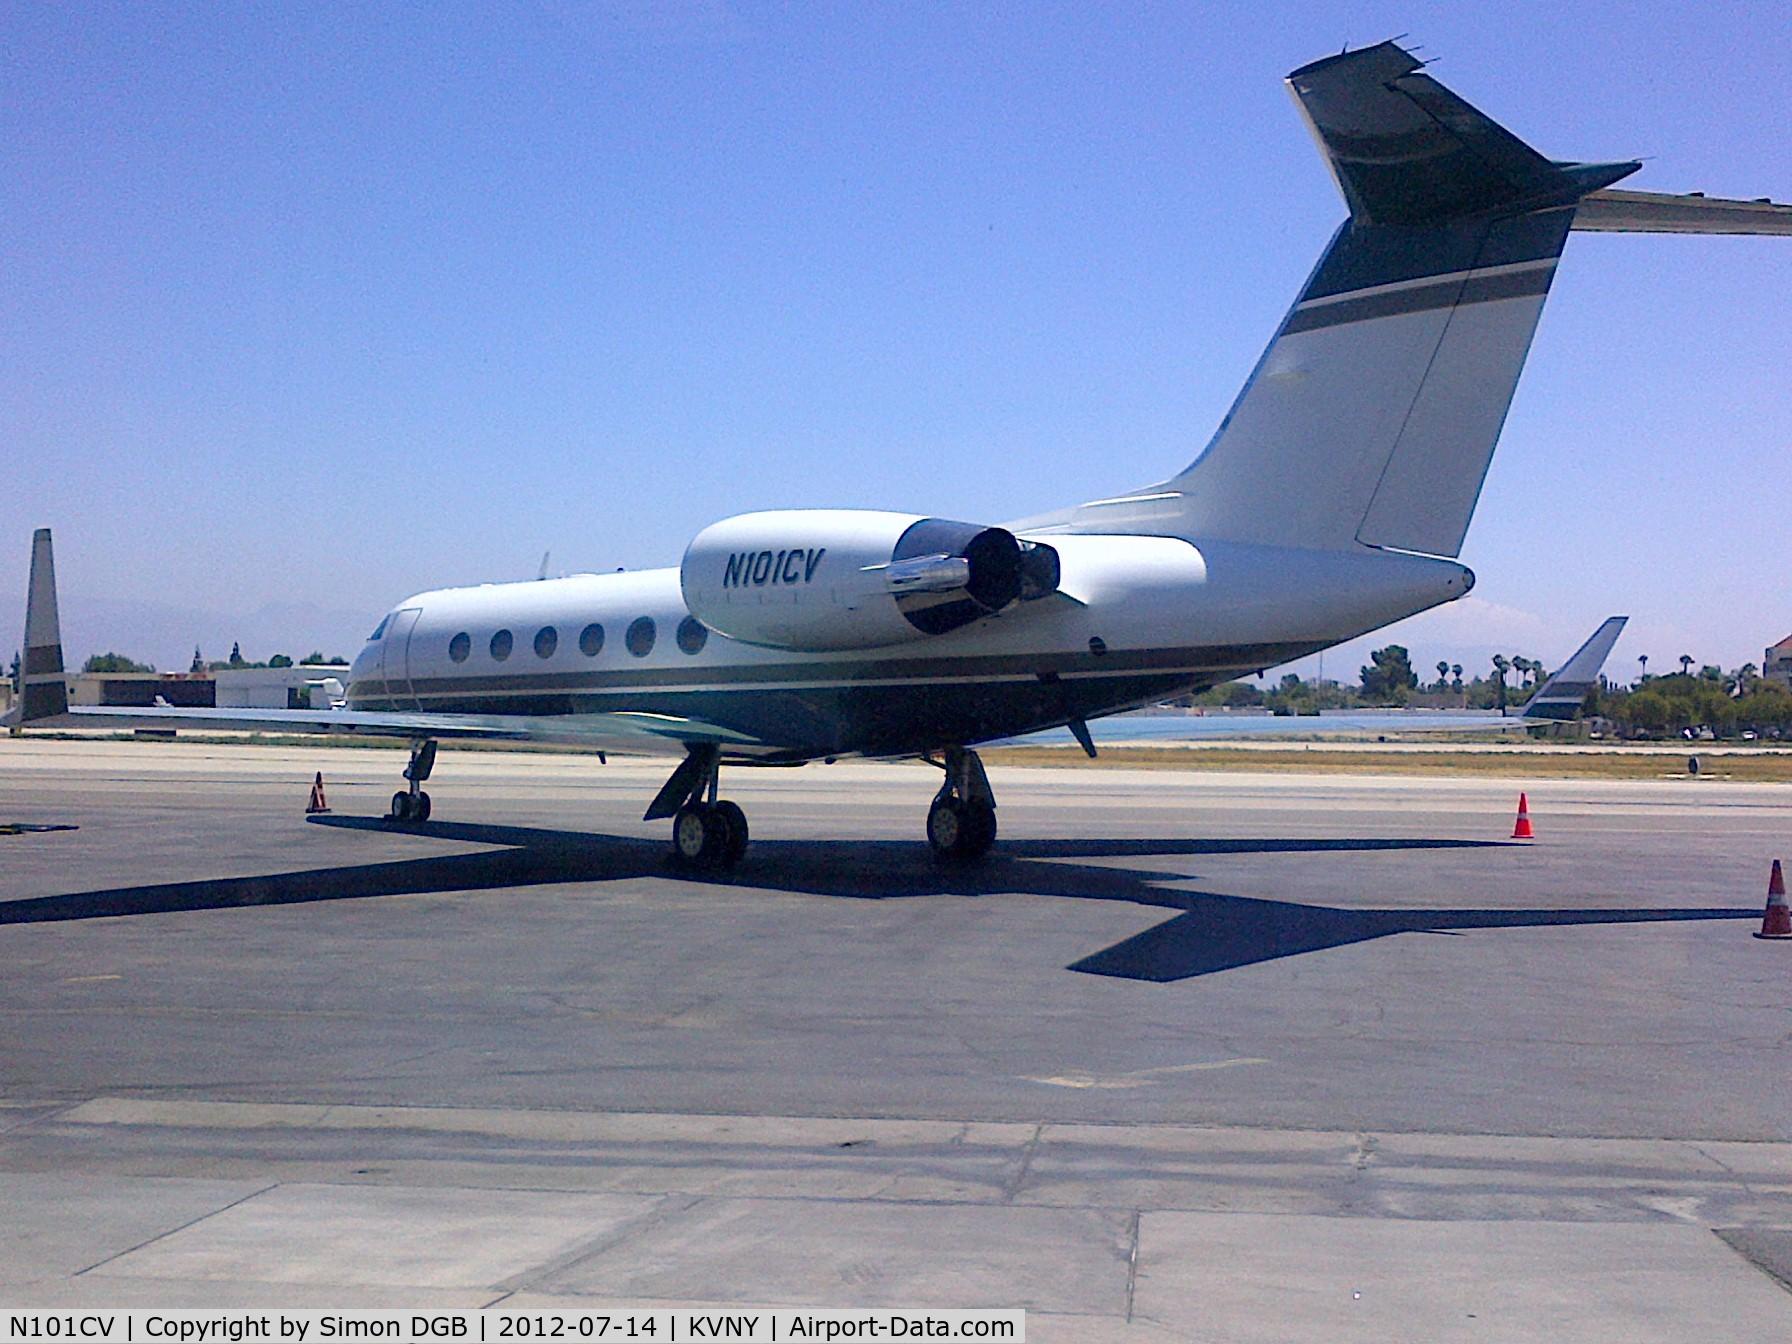 N101CV, 1993 Gulfstream Aerospace G-IV C/N 1230, Plane